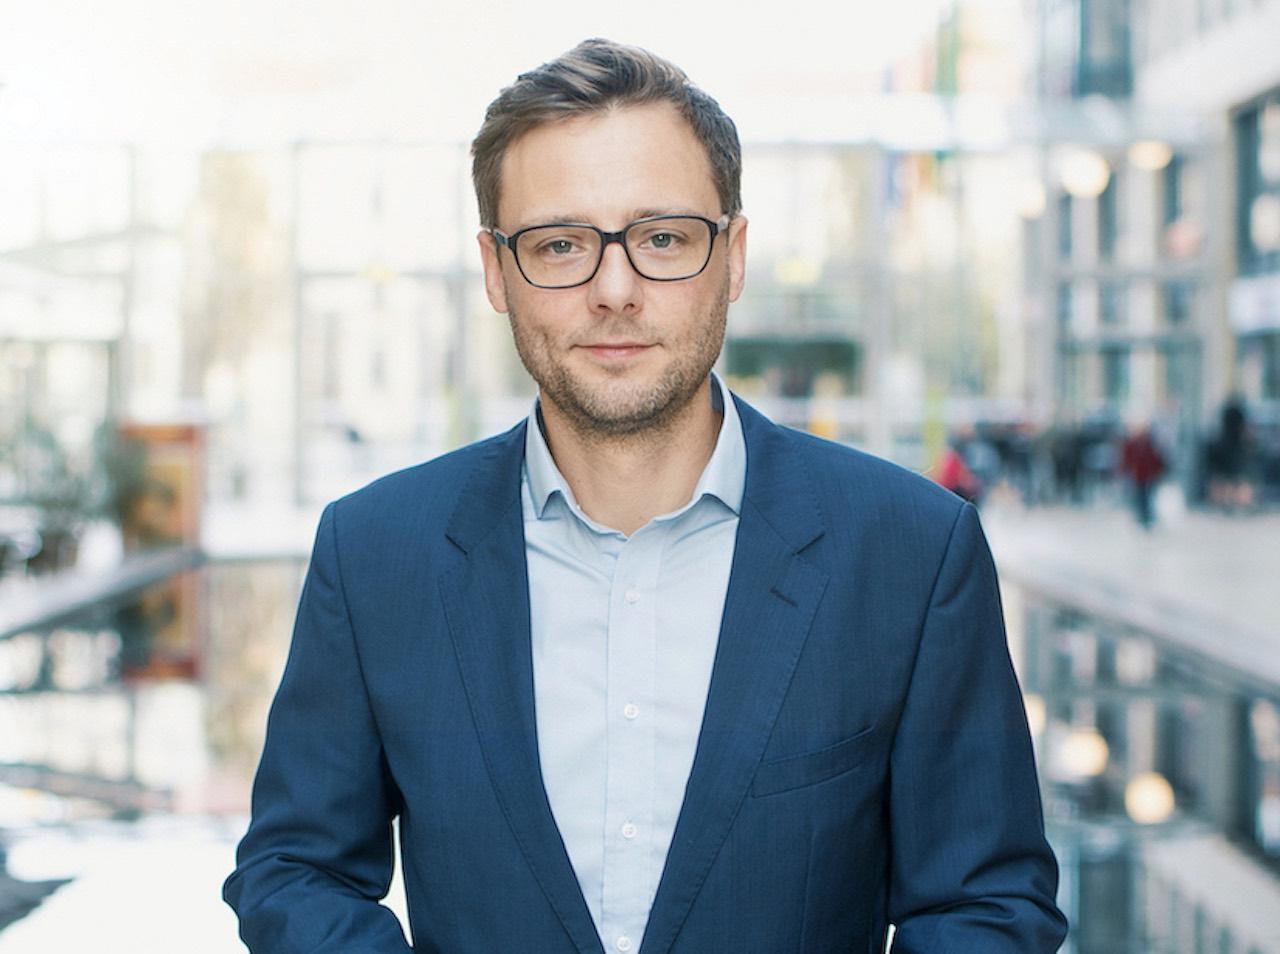 Seedmatch Geschäftsführer Johannes Ranscht vor dem Hintergrund einer Einkaufgspassage